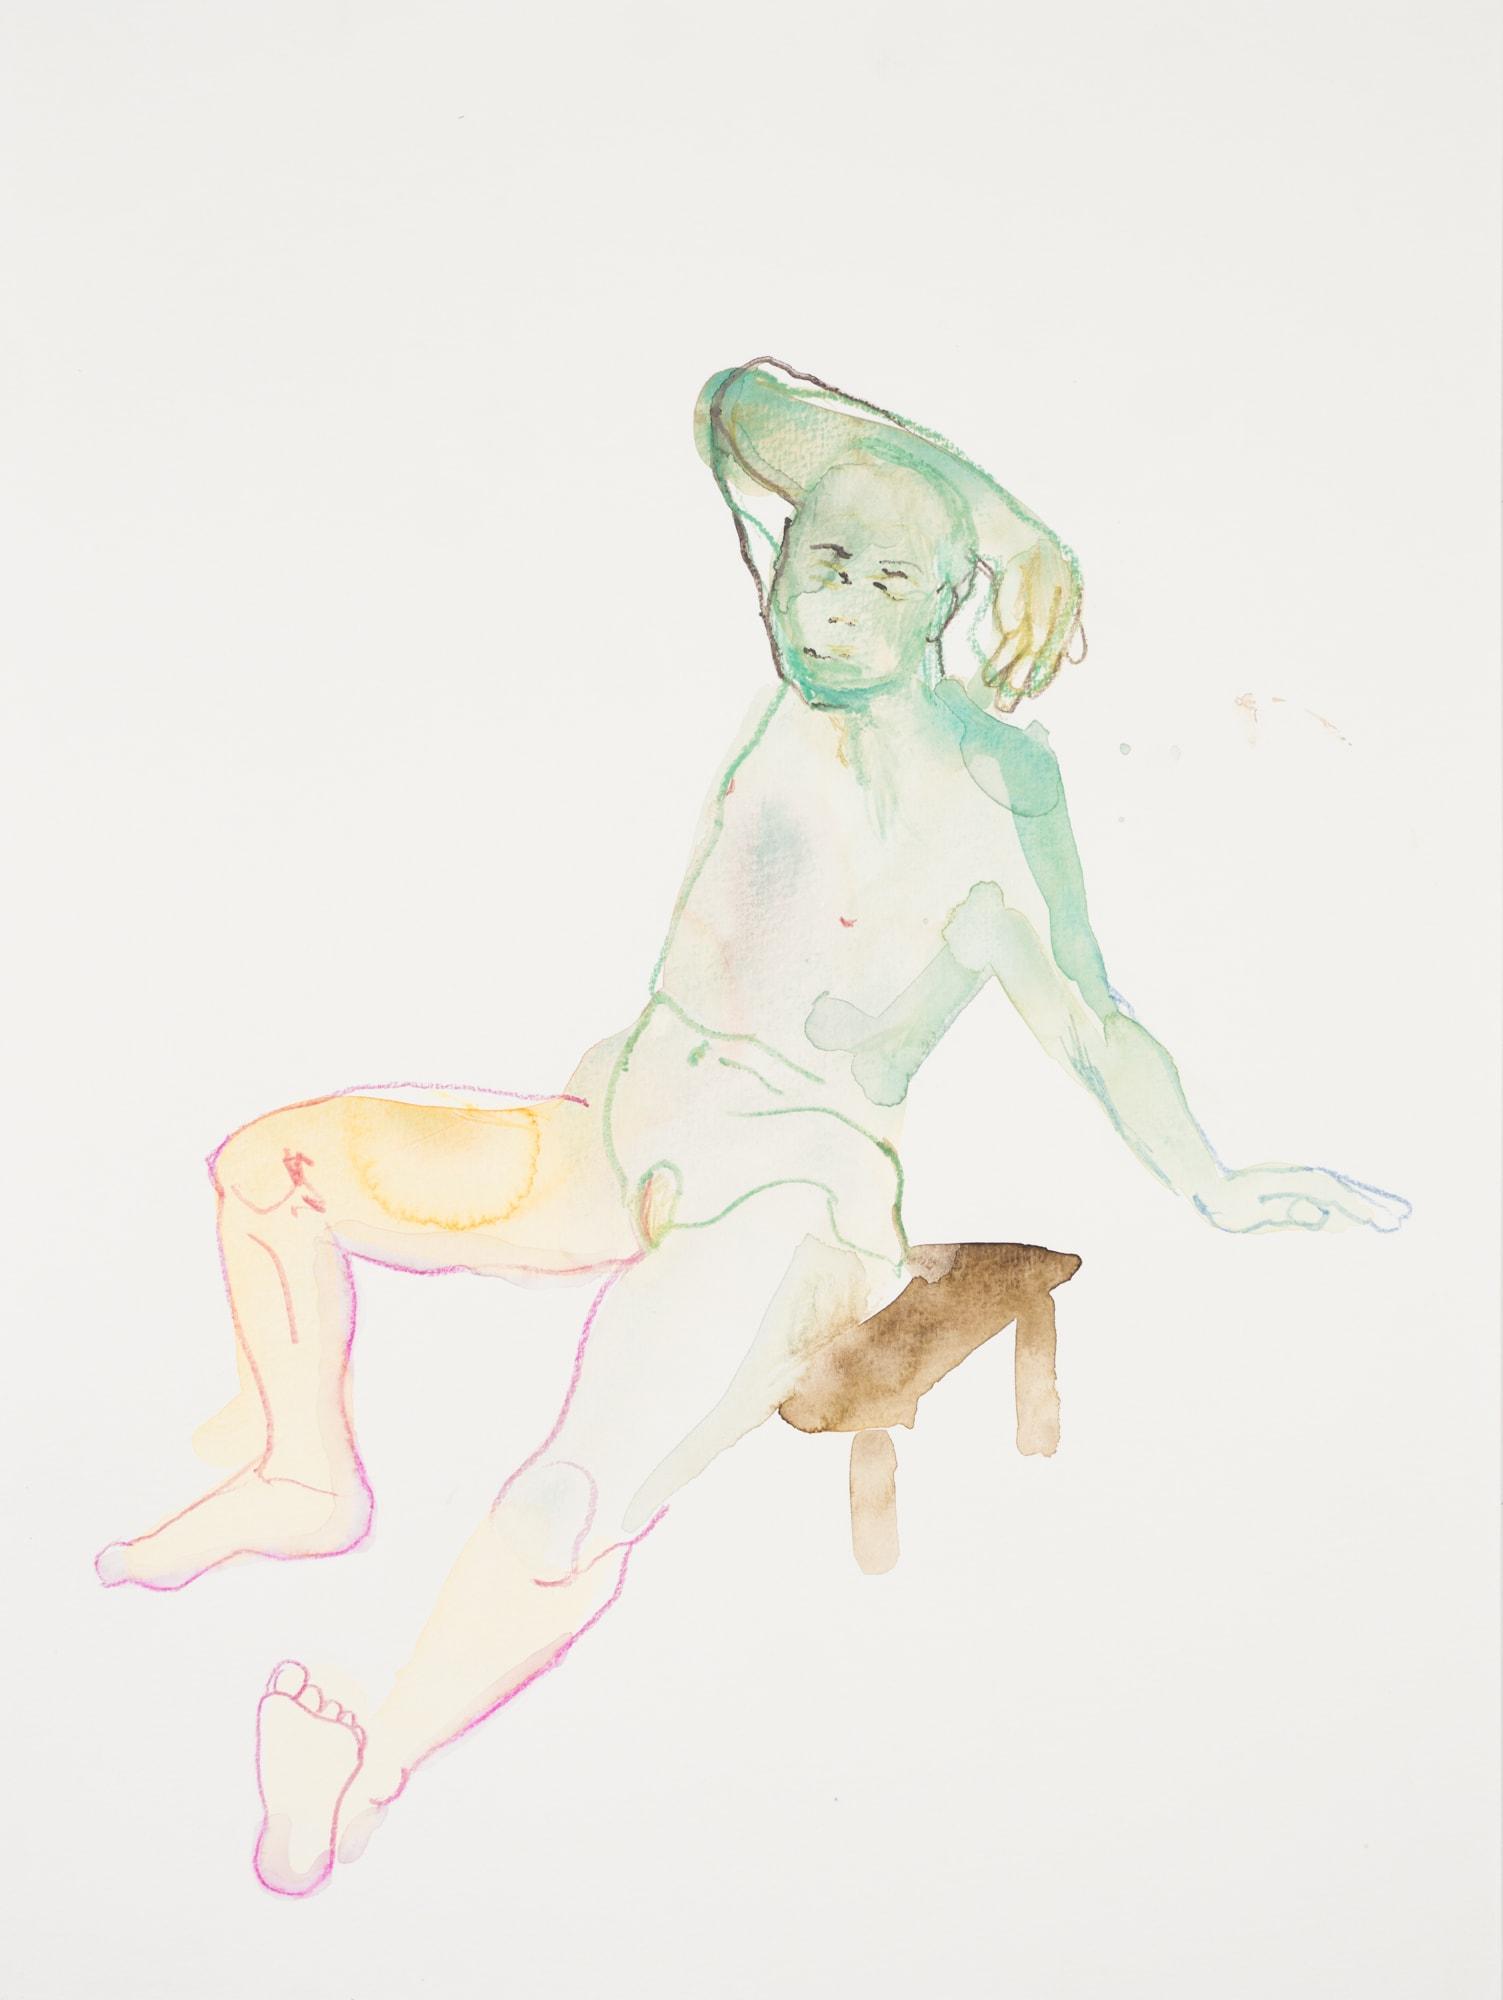 Zeichnung, Aquarell und Farbstift auf Papier, 30x40cm,Männerakt, Künstlerin: Franziska King